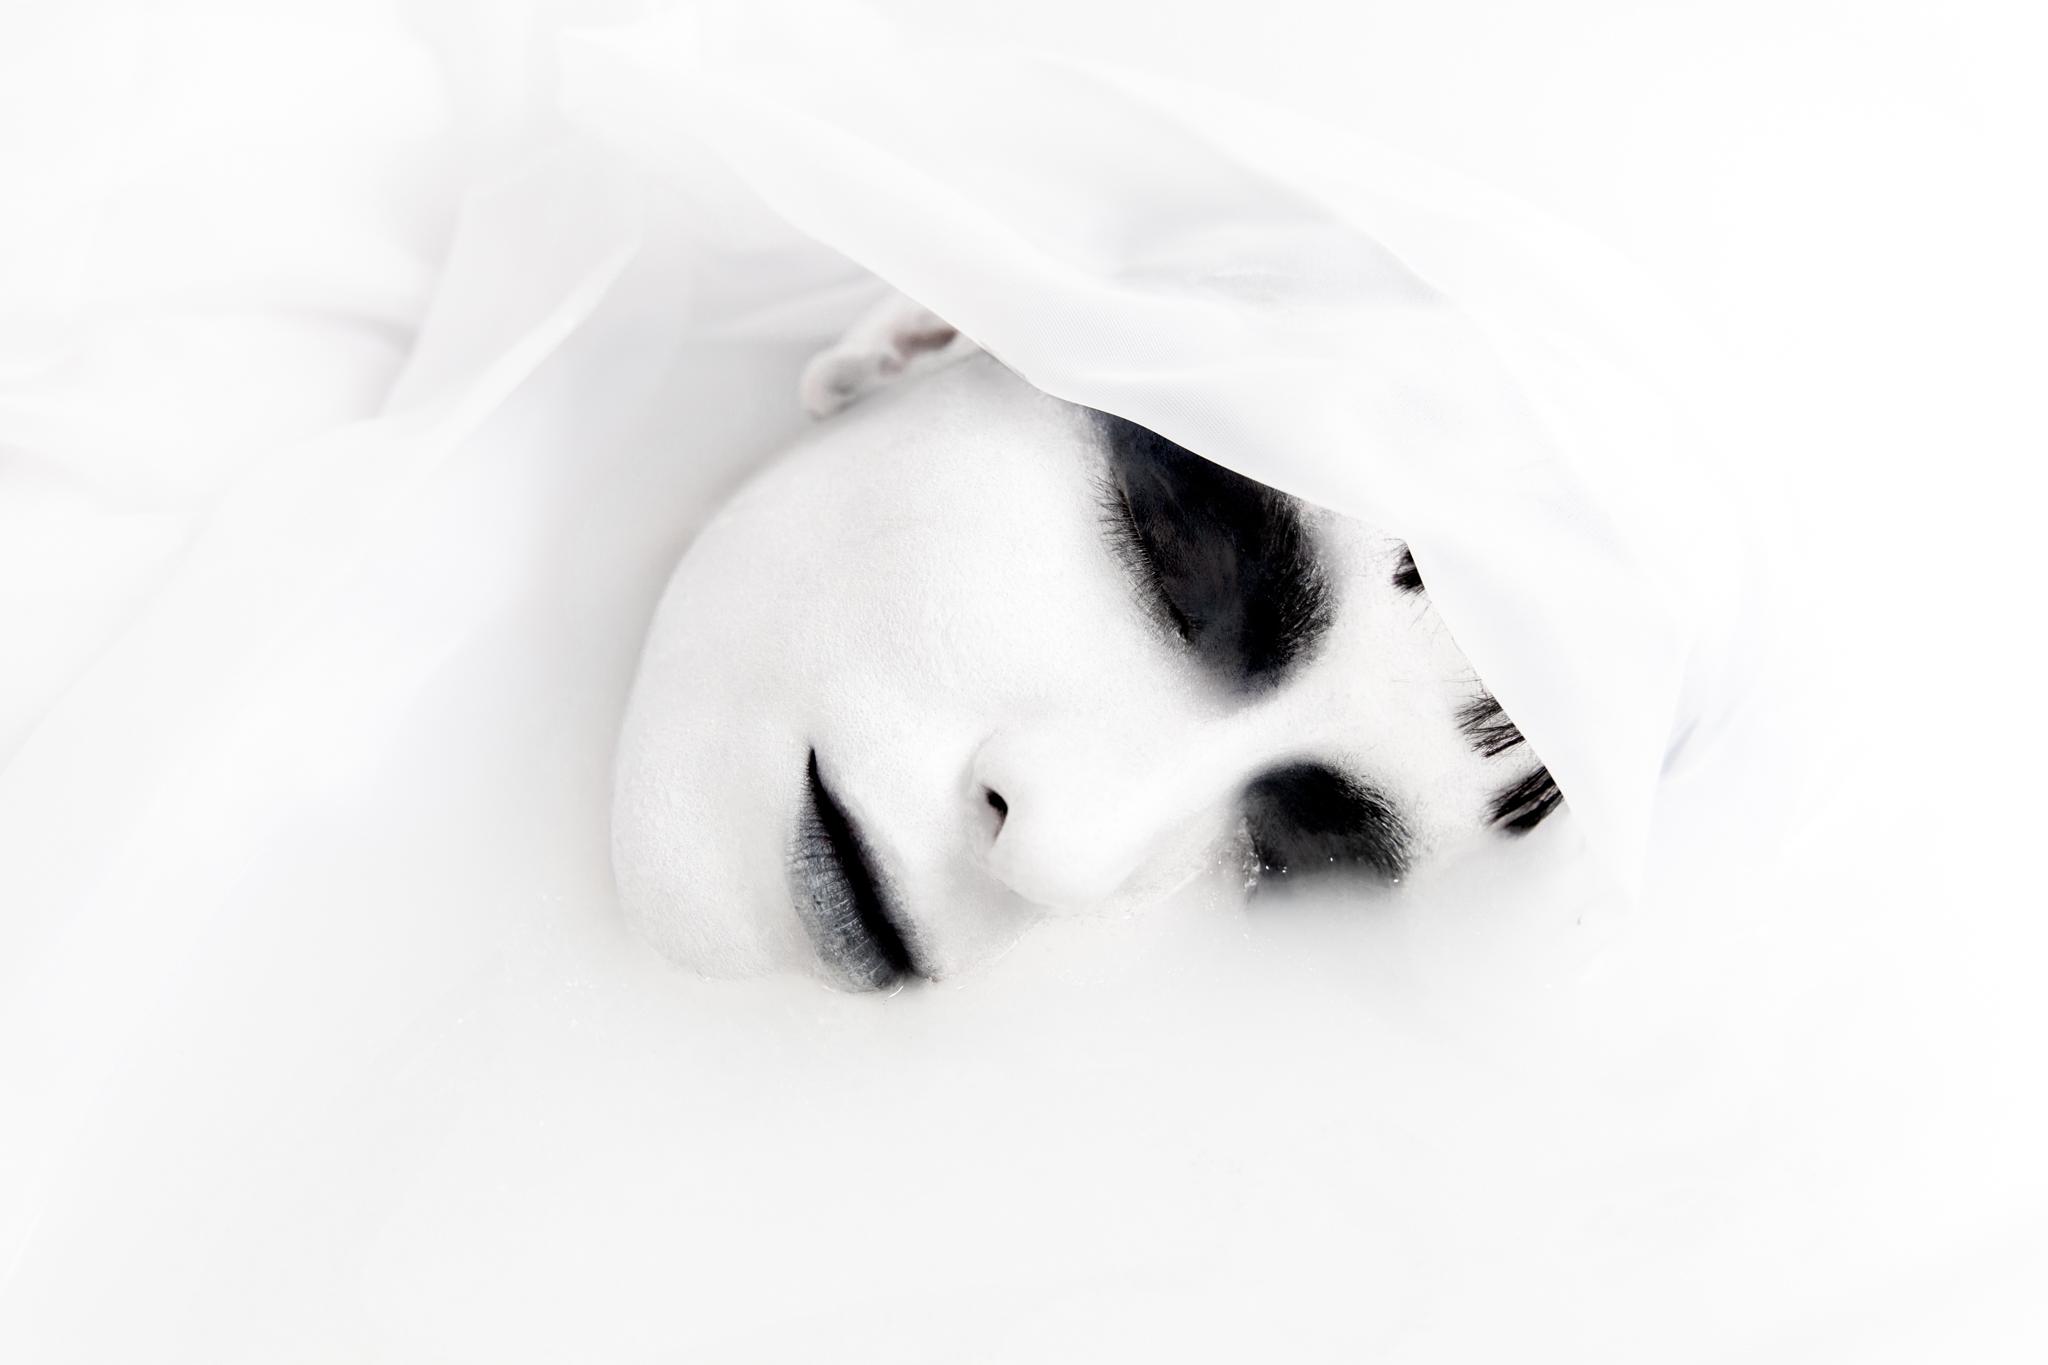 whomstudio_lisa-martin_milk-ghost_0027_2048.jpg